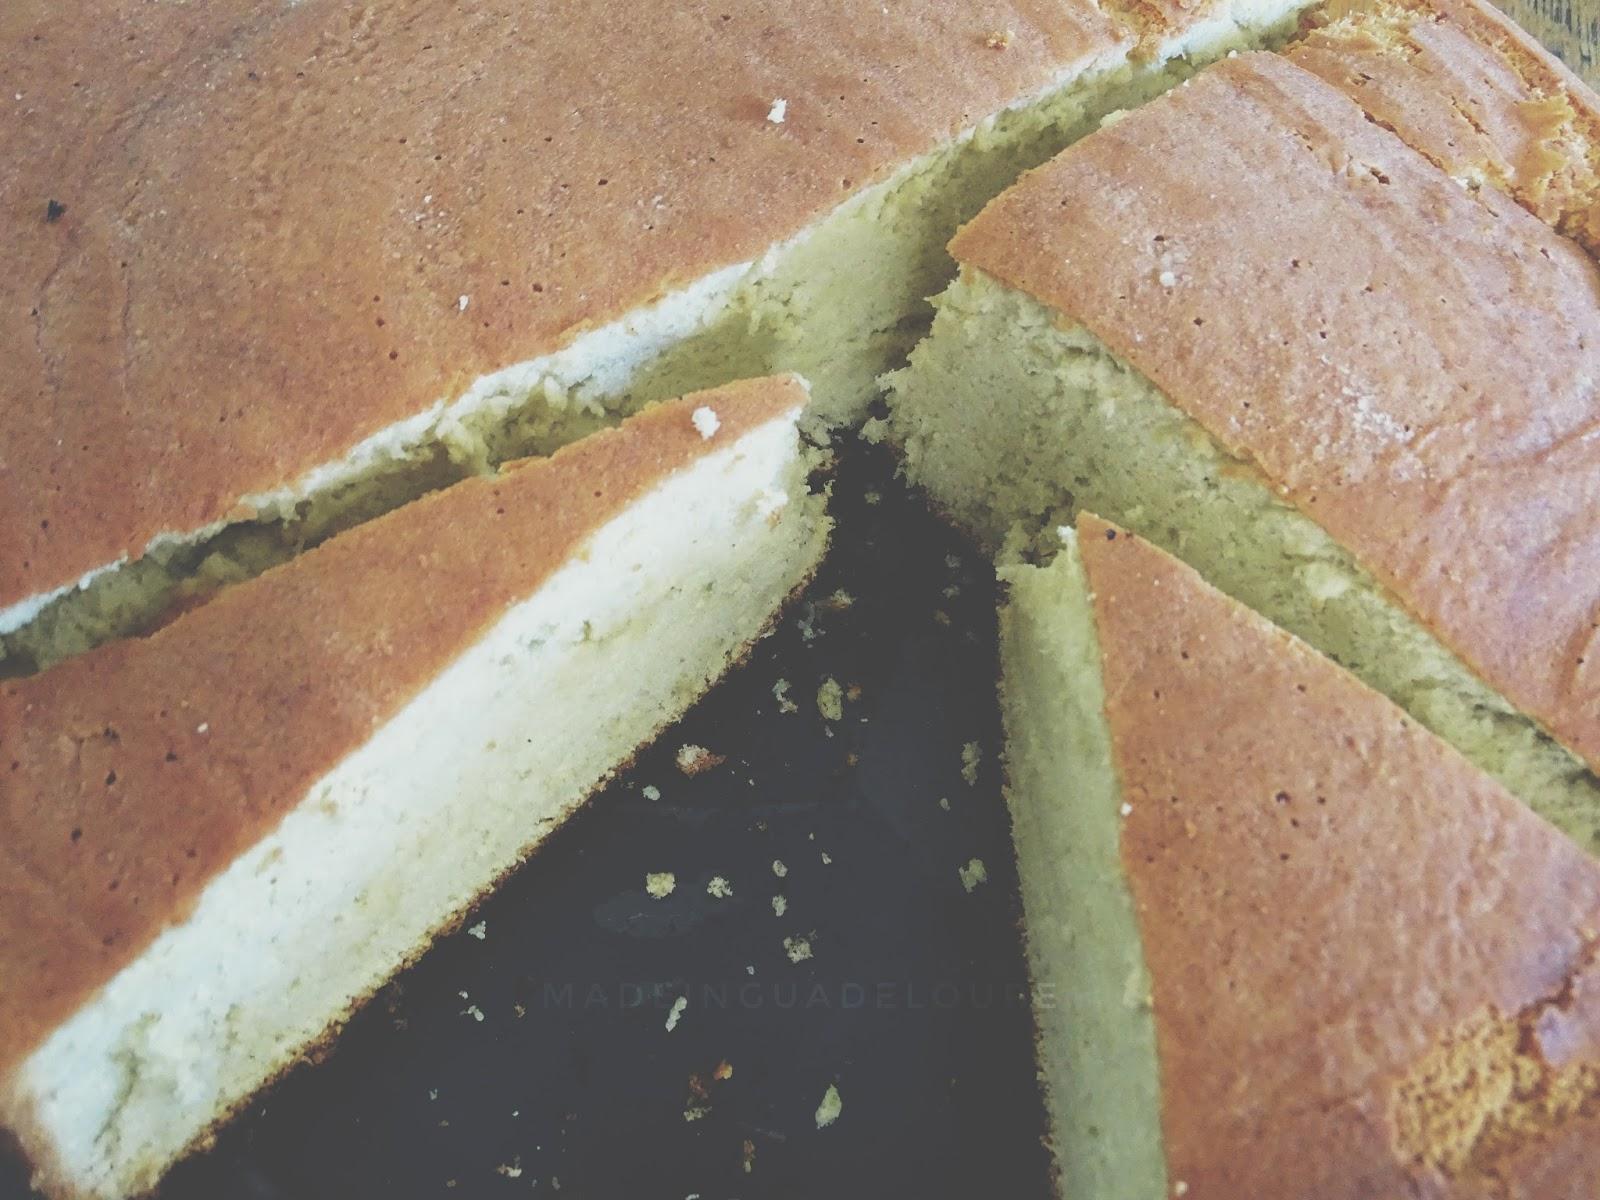 gateau fouette pain doux chaudo chodo chaudeau lait de poule guadeloupe antilles antillais caraibe caribbean french west indies eggnog france